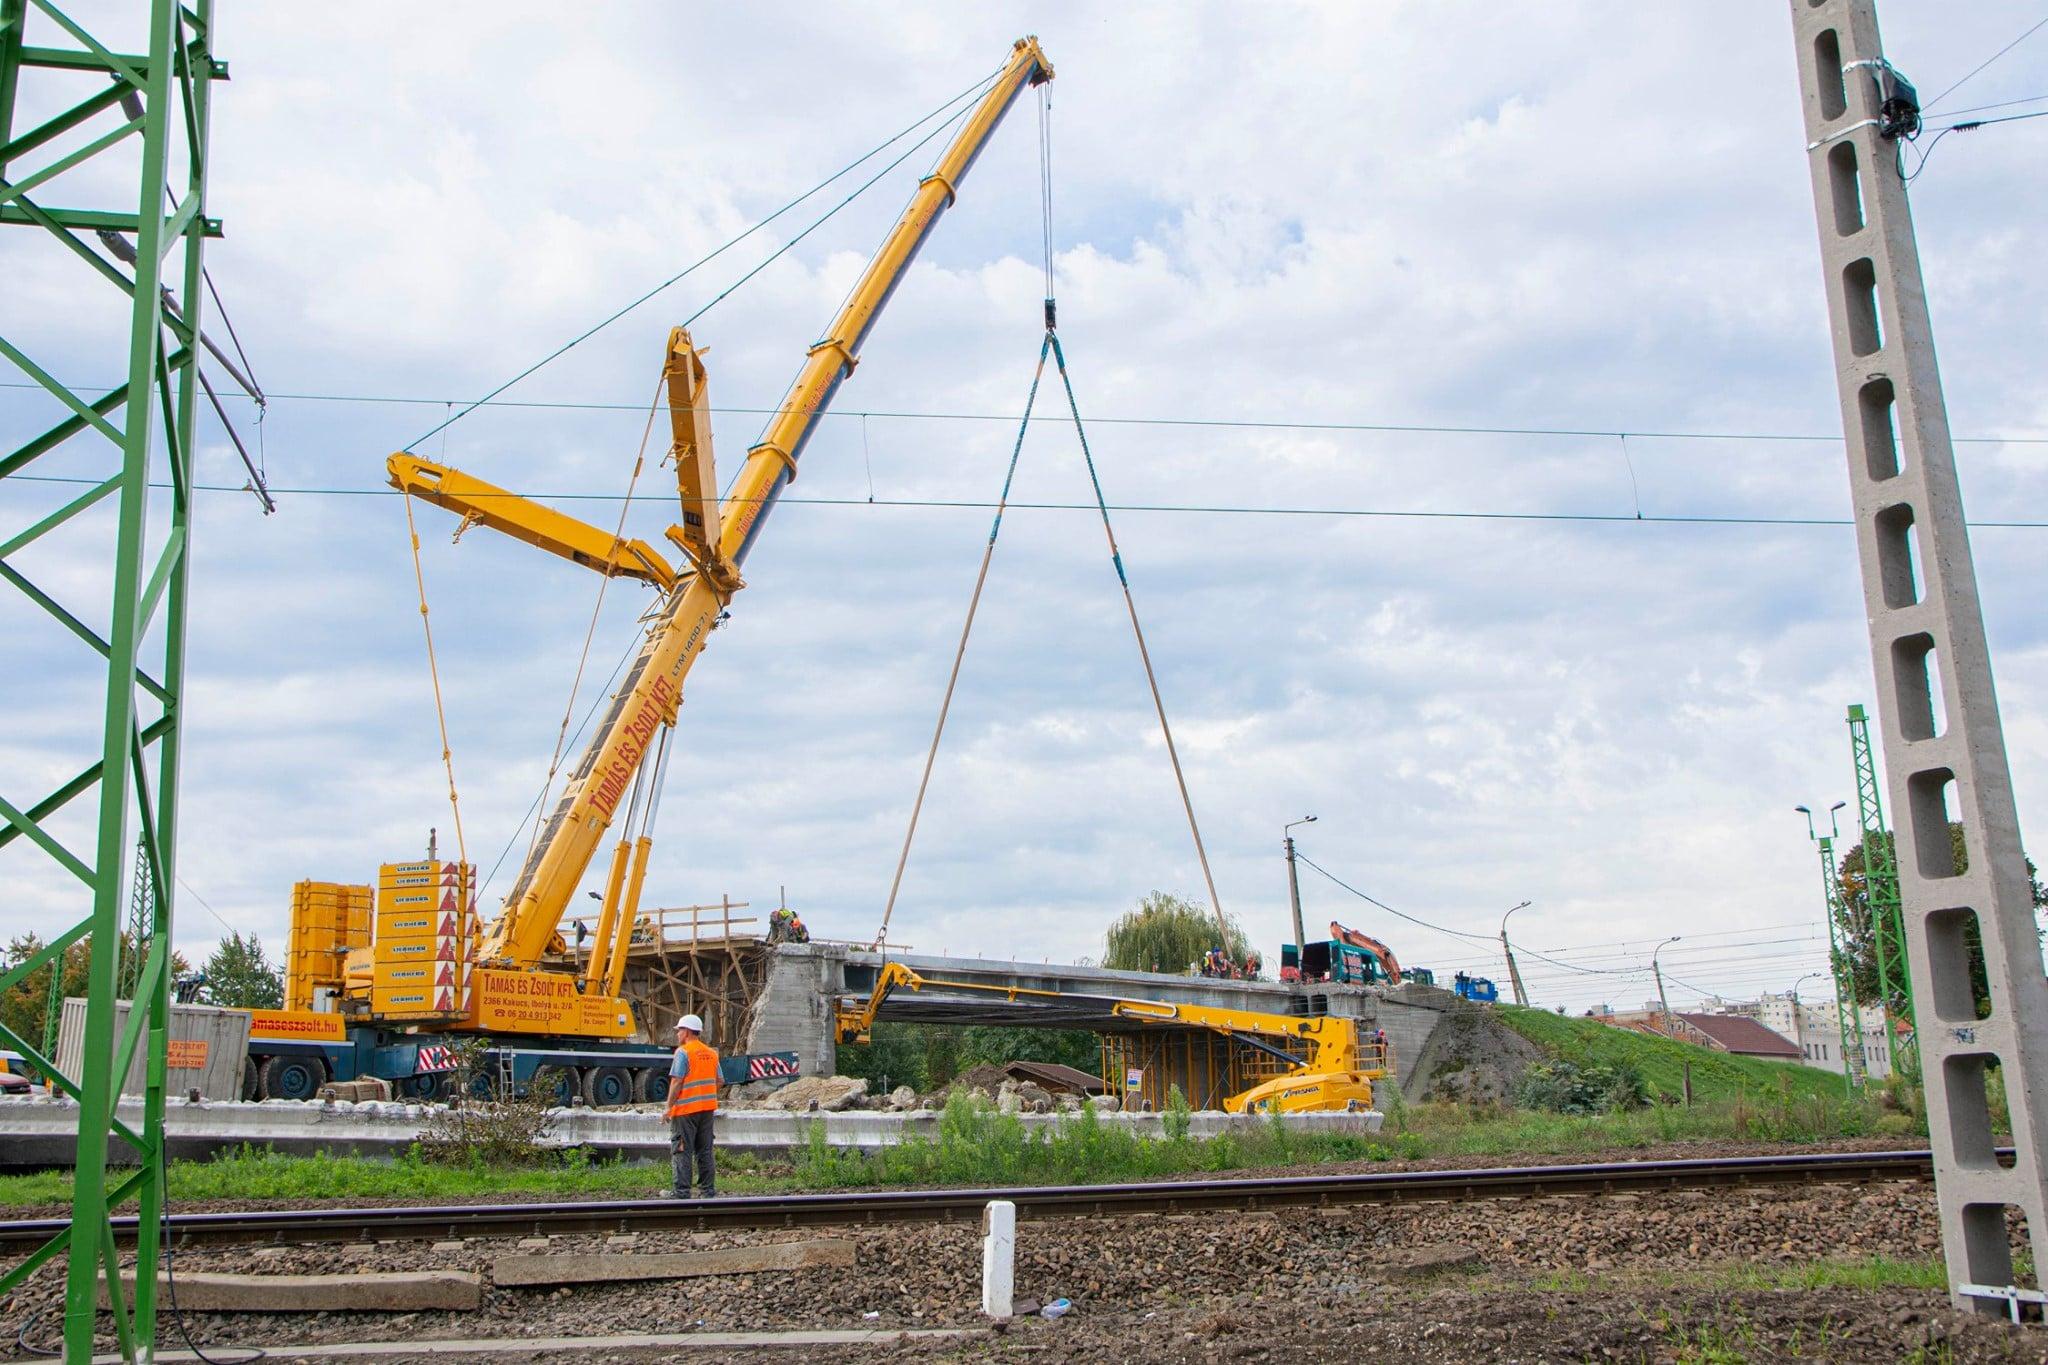 Ütemtervnek megfelelőan halad a miskolci Y-híd kialakítása, jelenleg a meglévő híd bontása van soron. (fotók: NIF Zrt.)